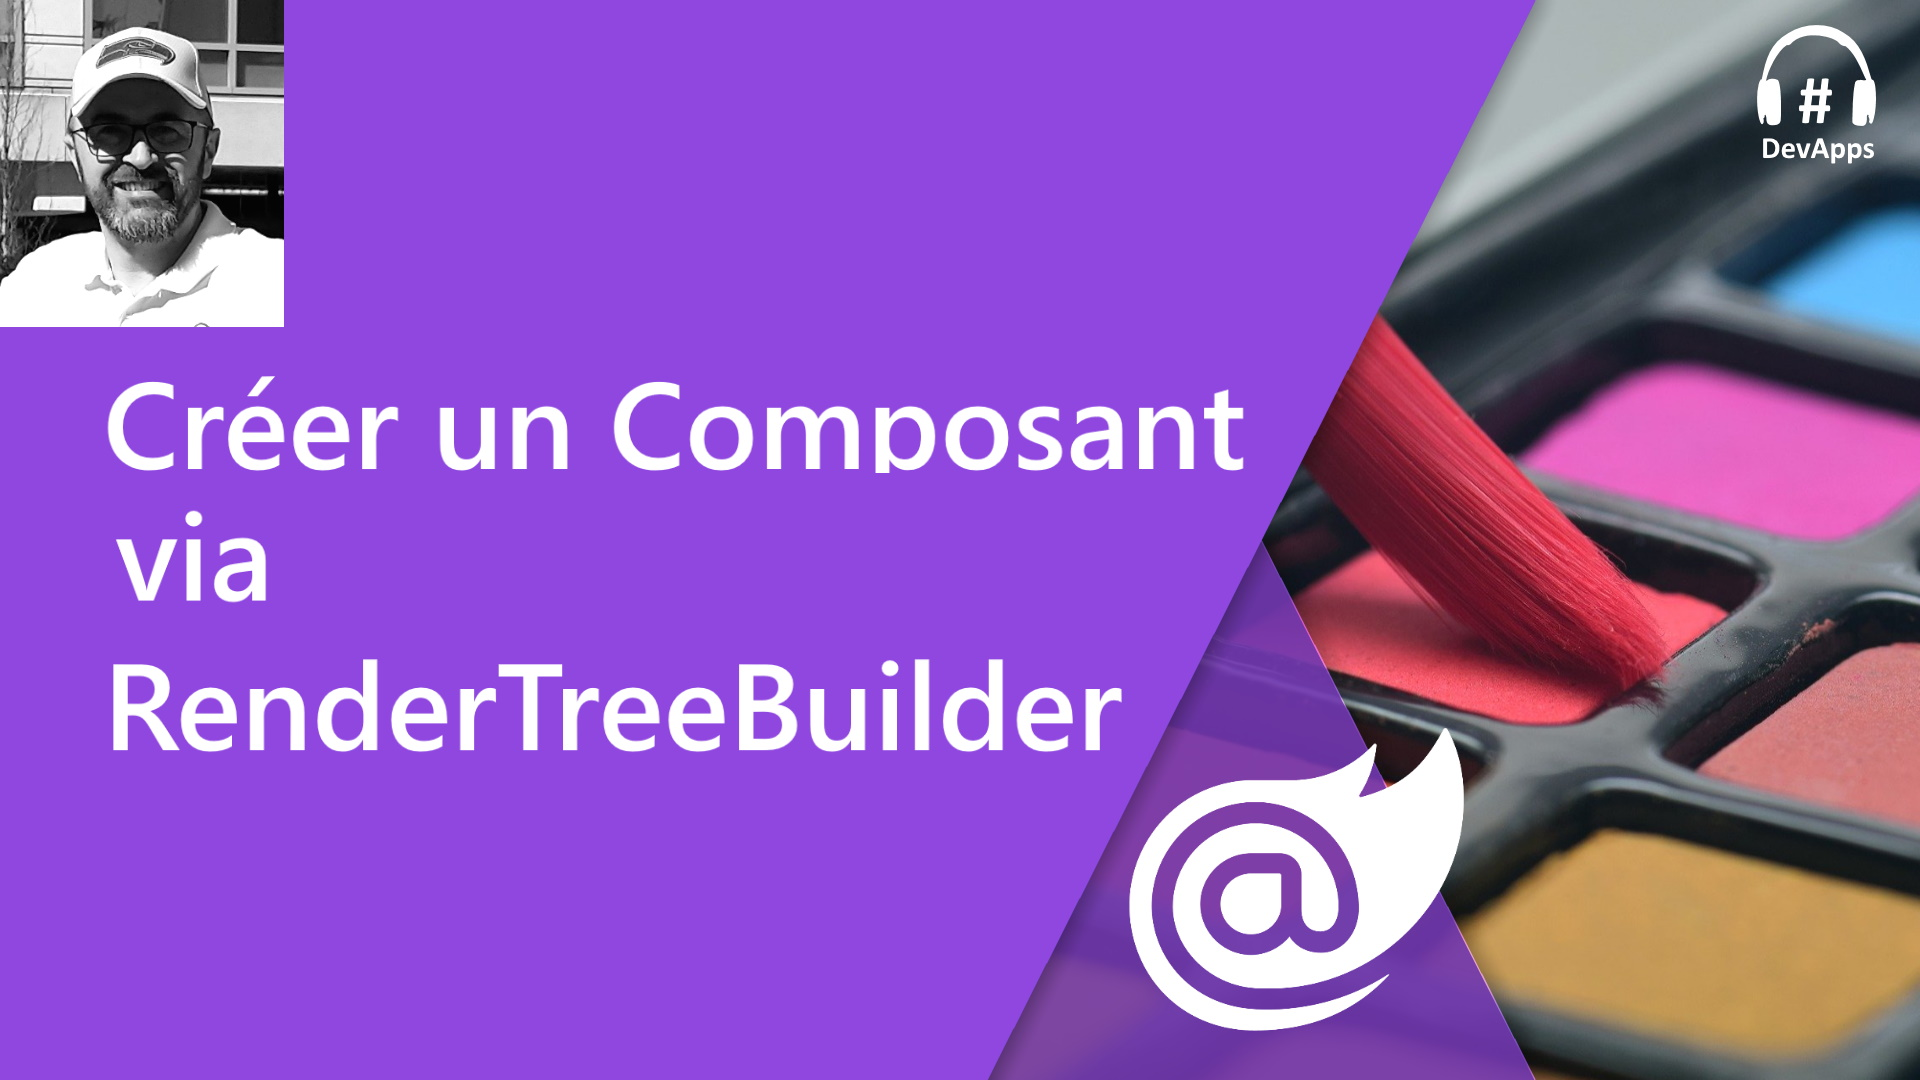 Créer un Composant via RenderTreeBuilder